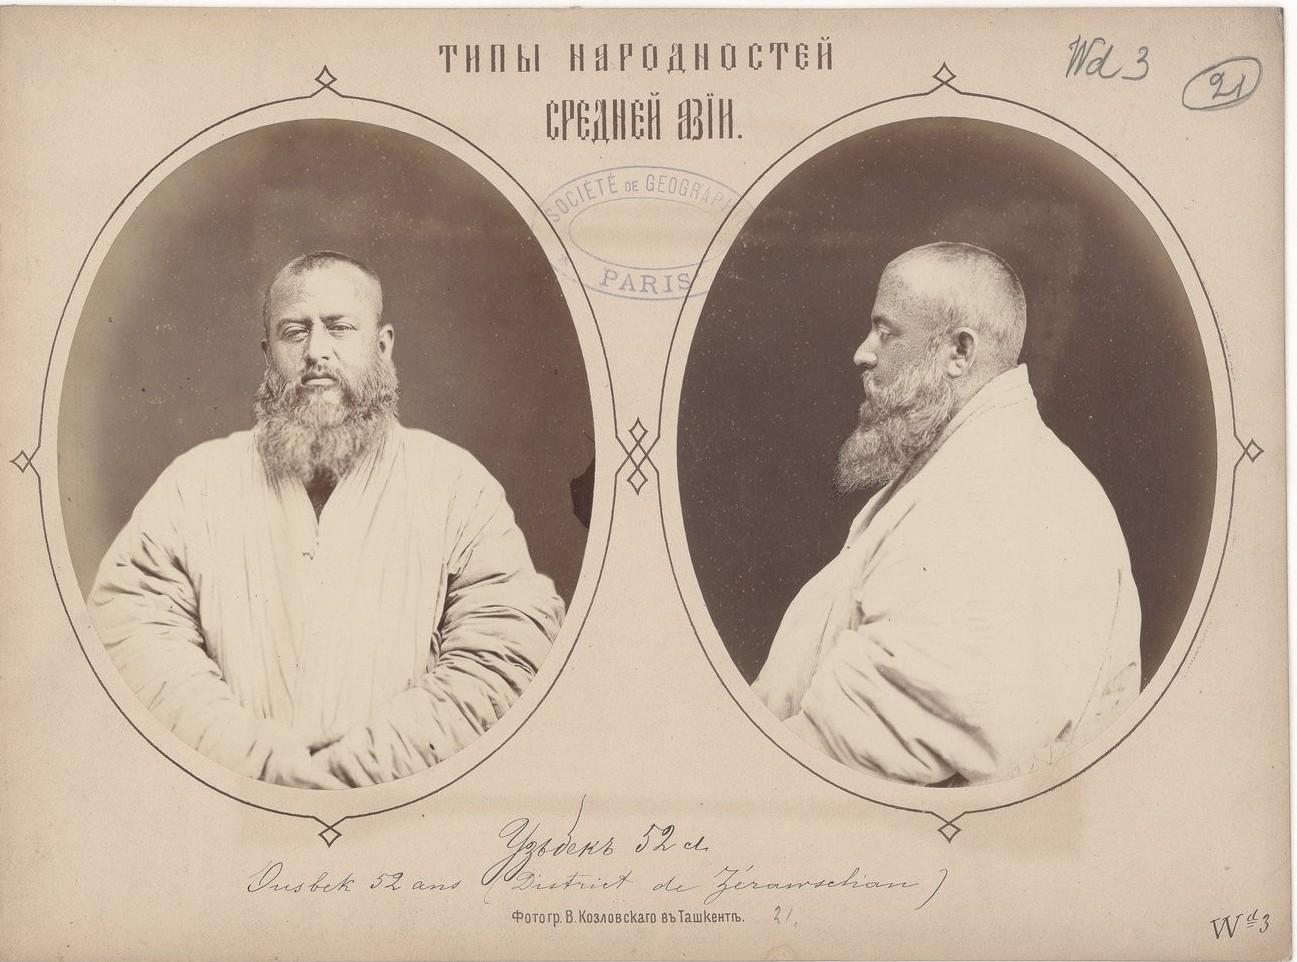 Узбек, 52 года. Зеравшанский округ